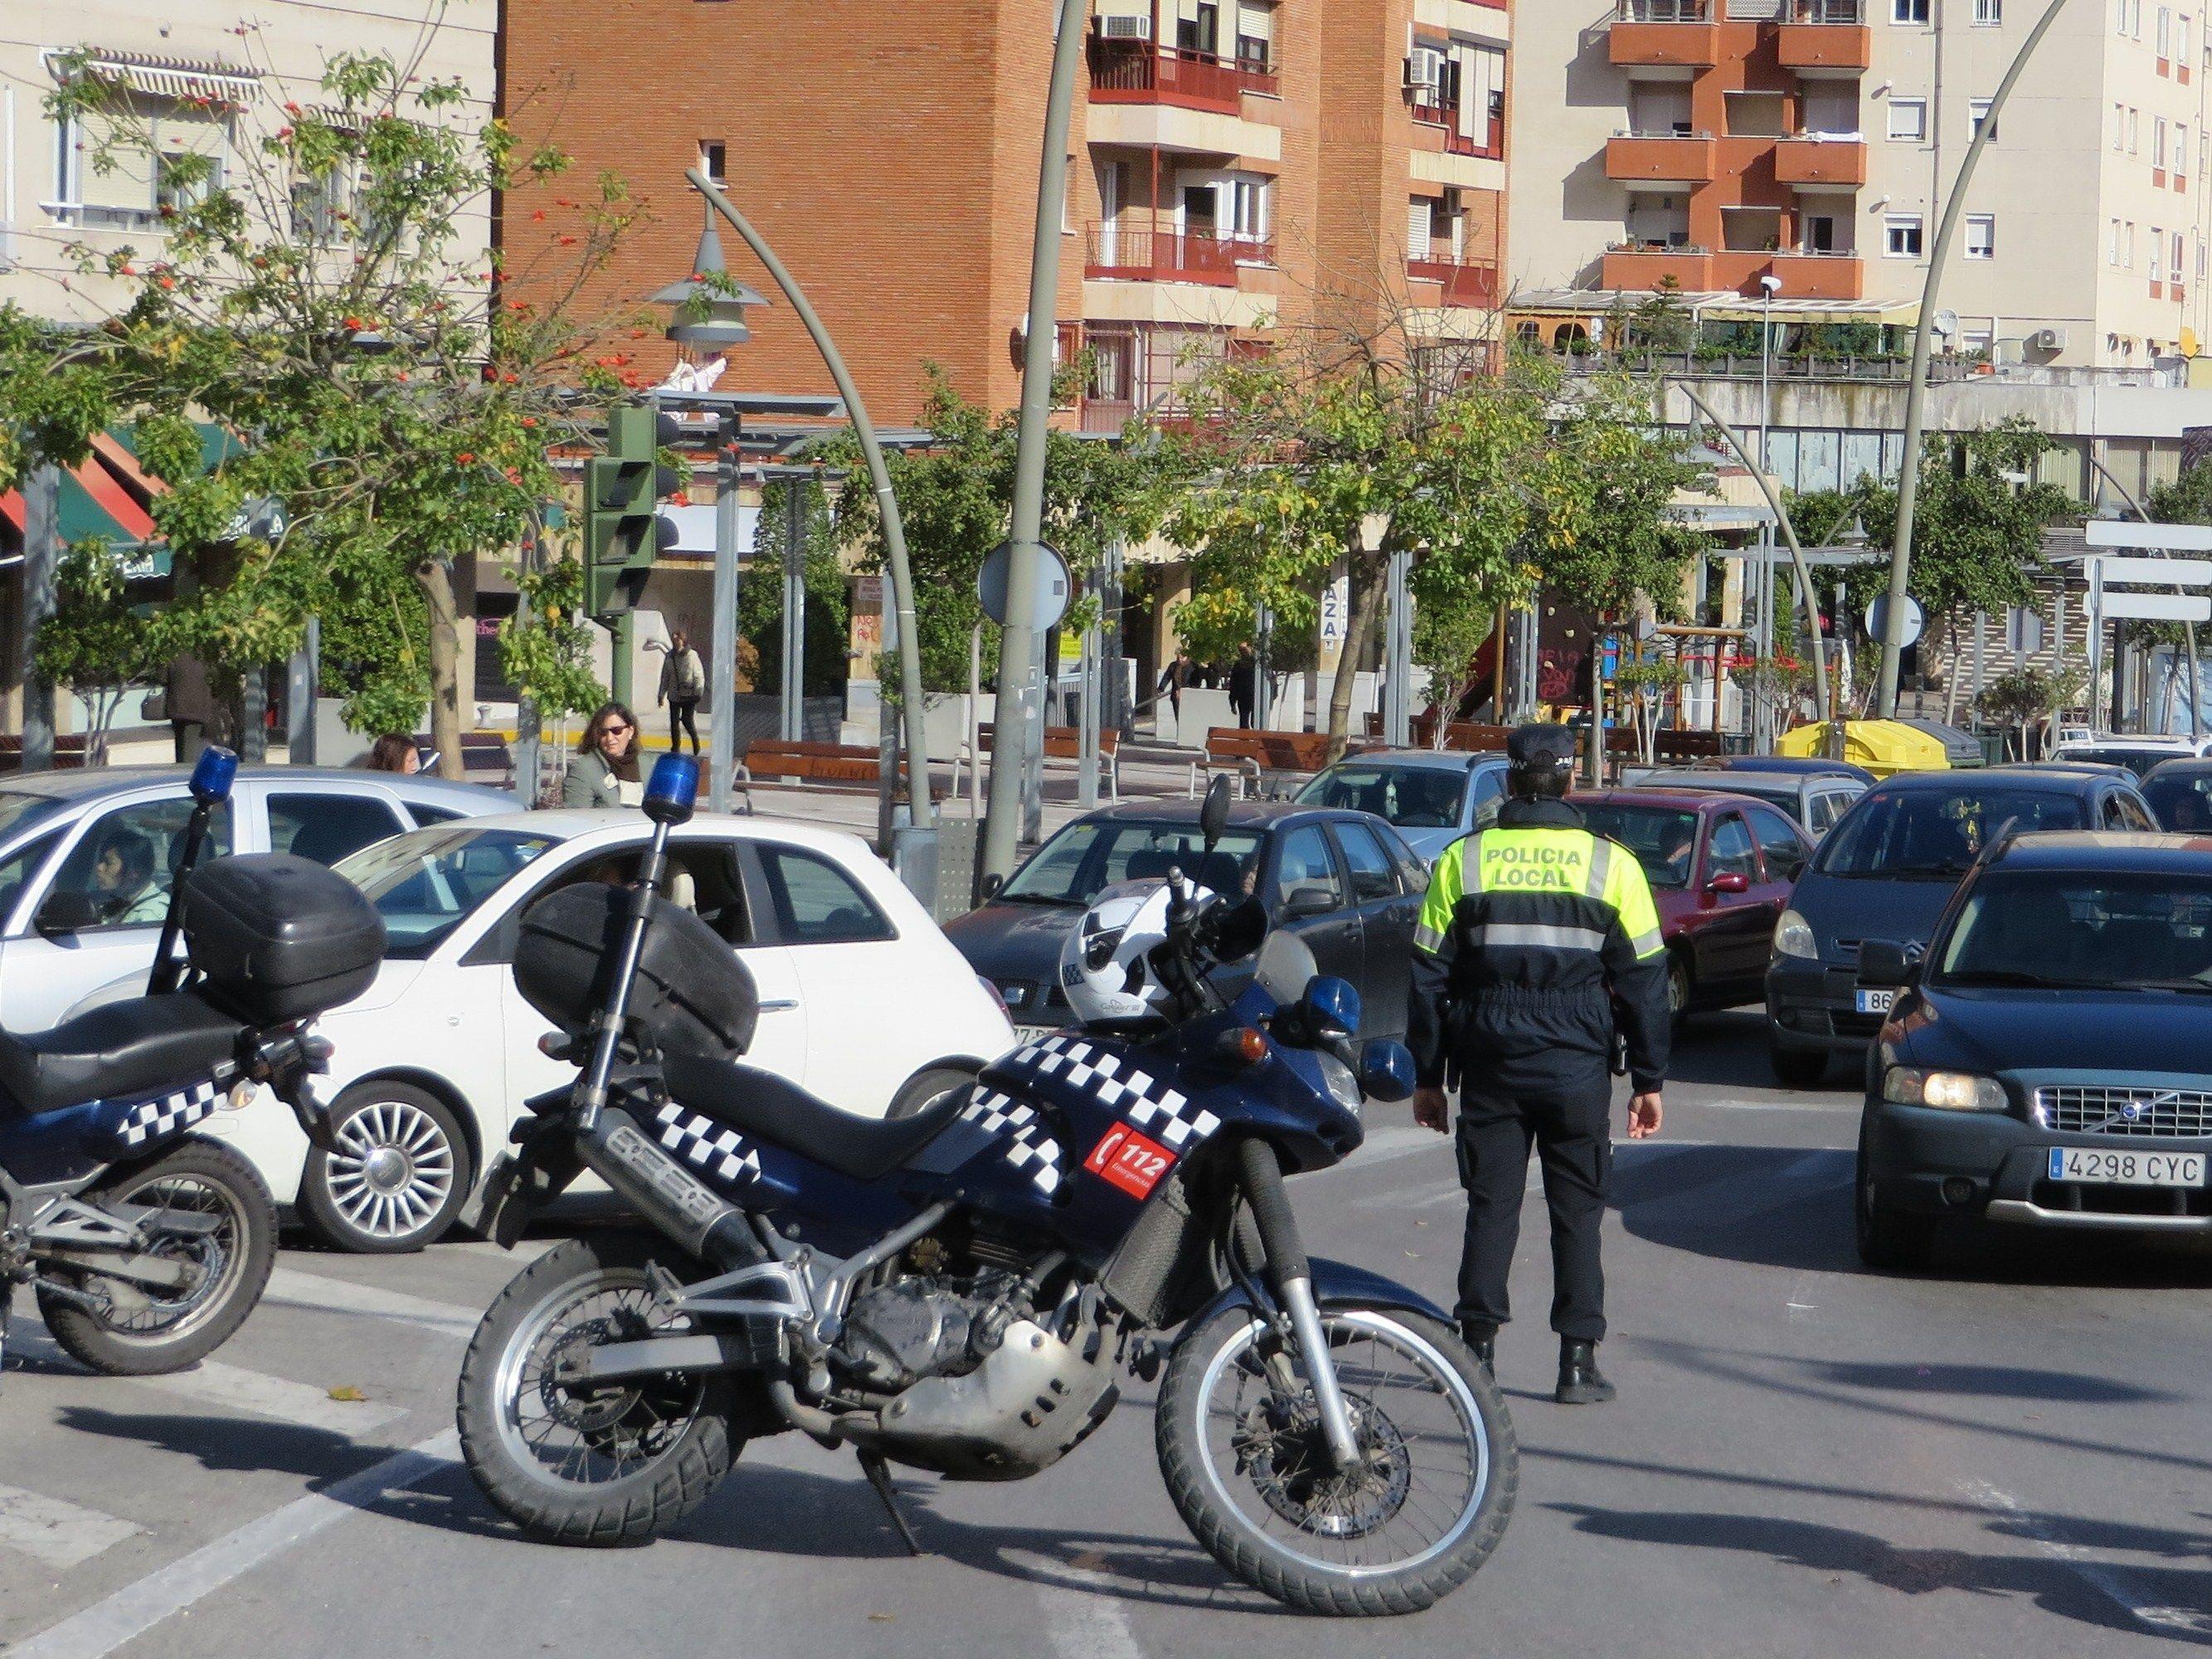 Policia_Local-Memorias